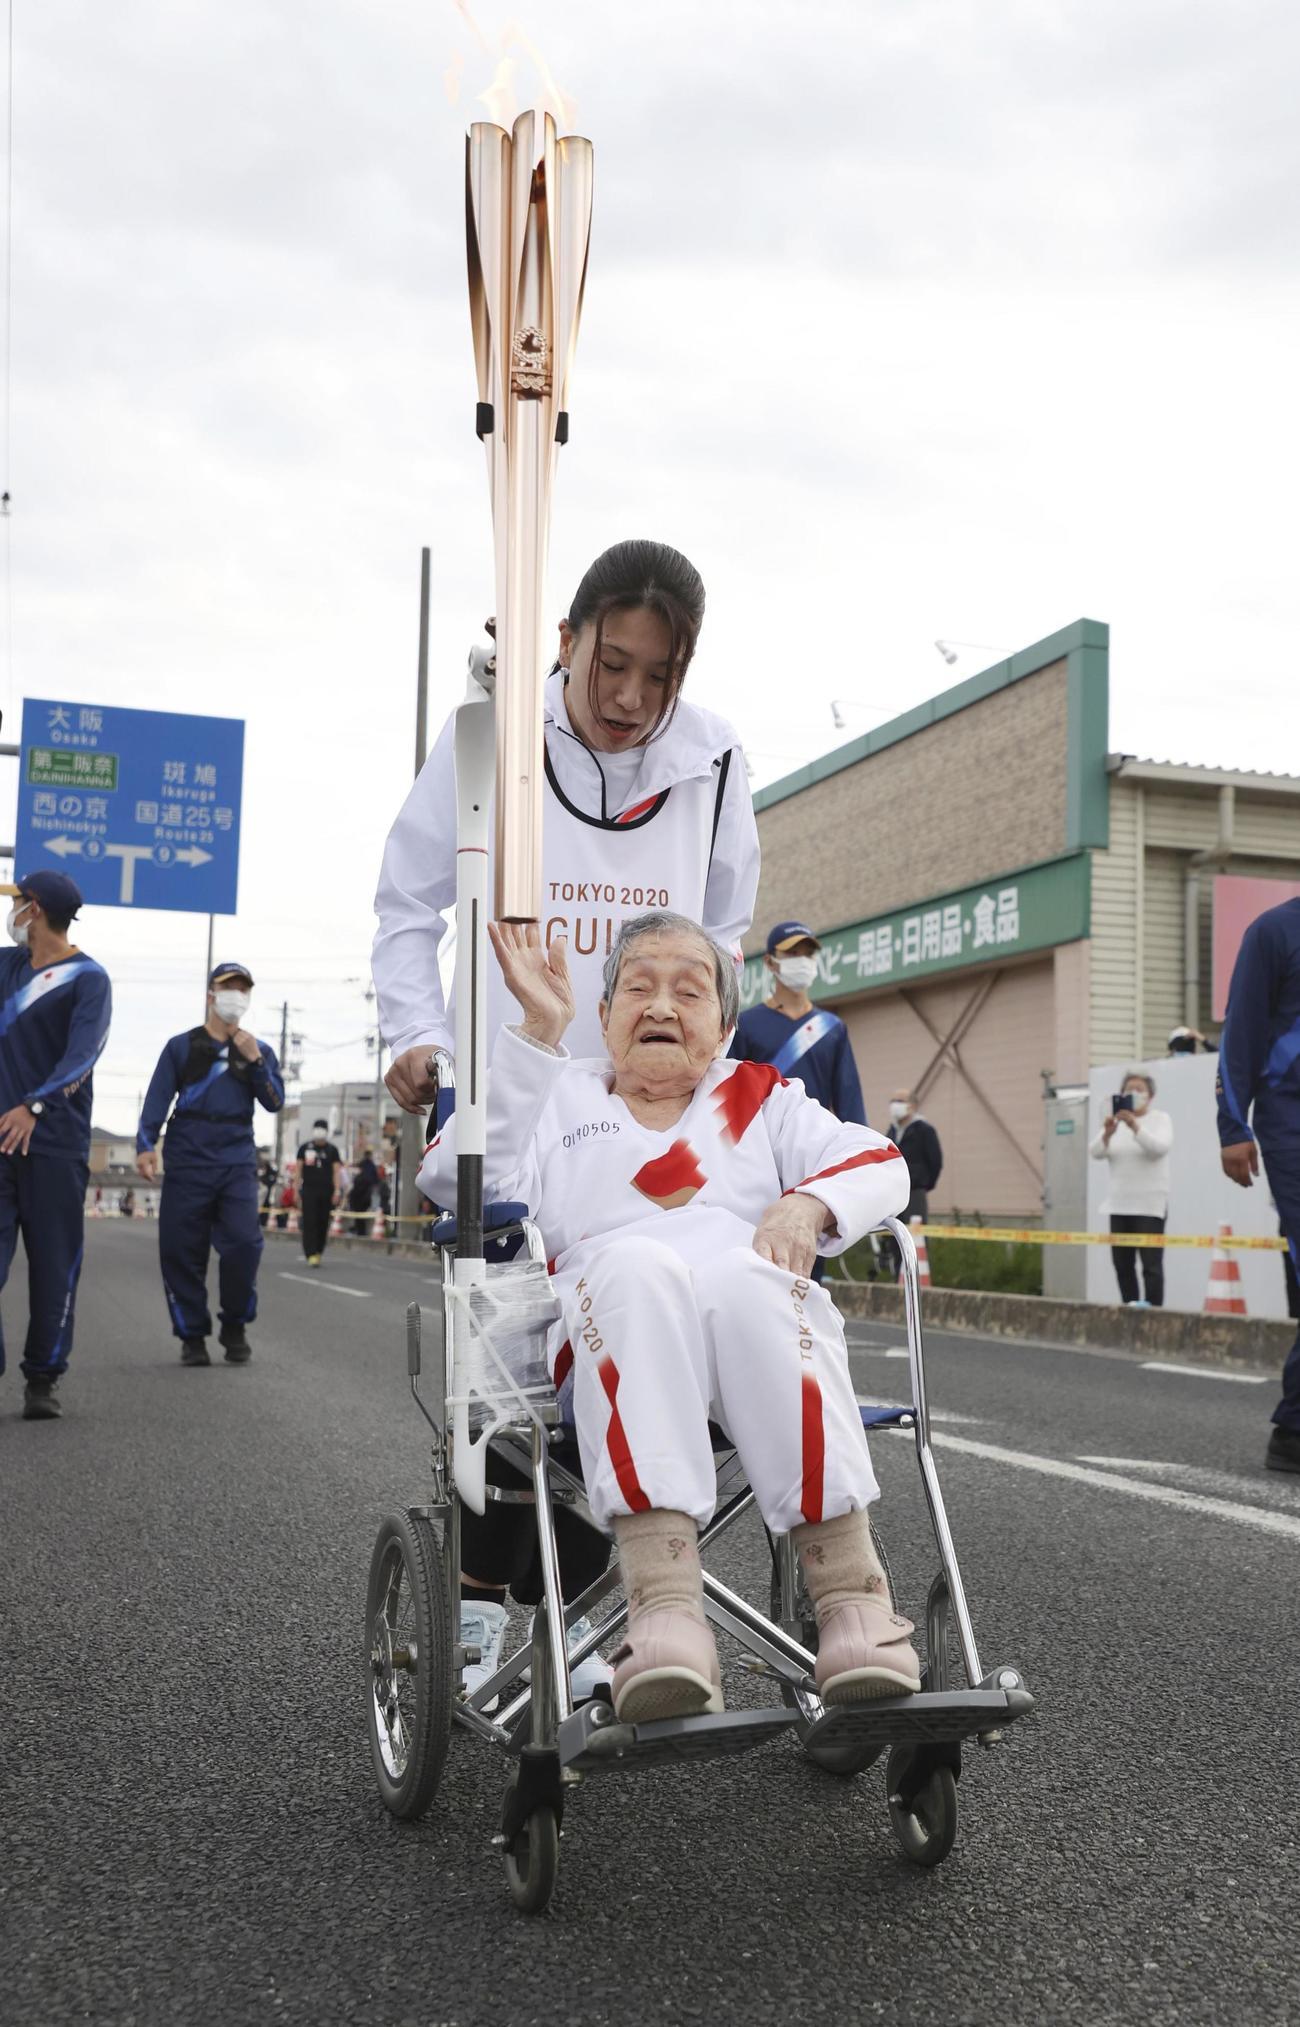 車いすで聖火ランナーを務める109歳の賀川滋子さん(共同)